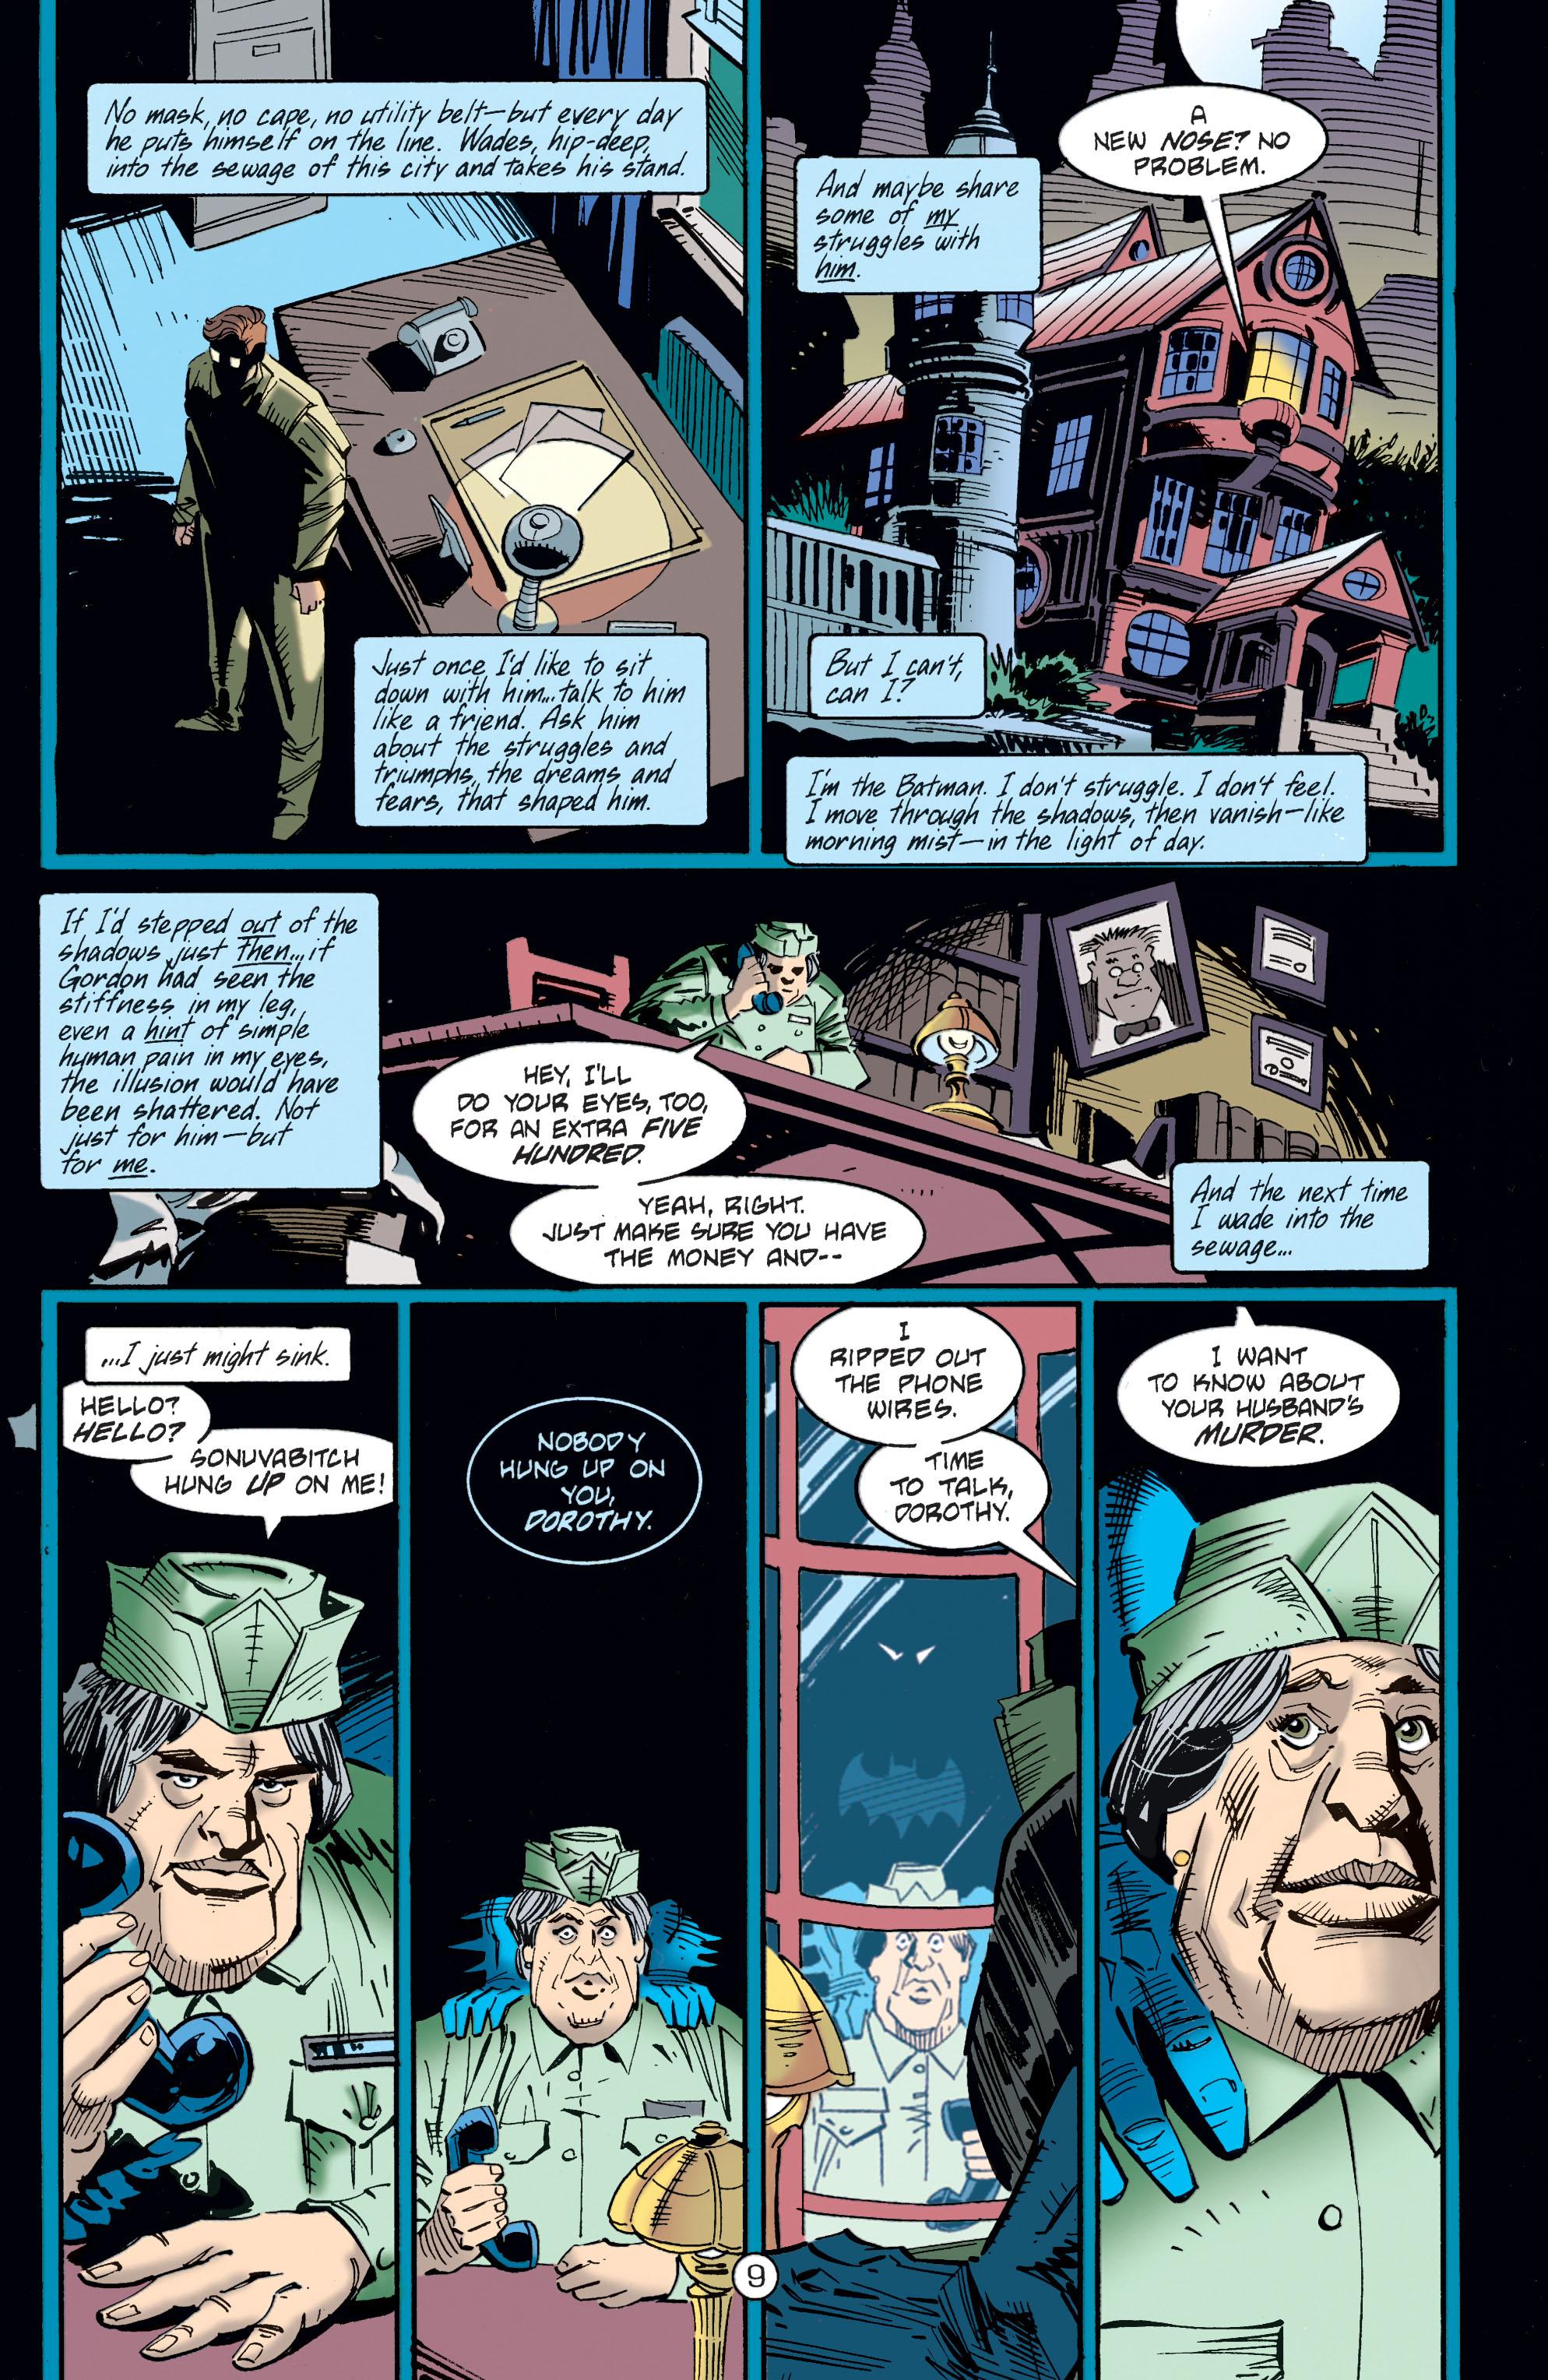 Psychology of Bruce Wayne P2UoNfwmh_E-iXn4FUrTZXxtdMGP0DbKG-ZyRH7qpYWpNYFf-0wPf8QprooWDElV4k0bTS8ywXO5=s0